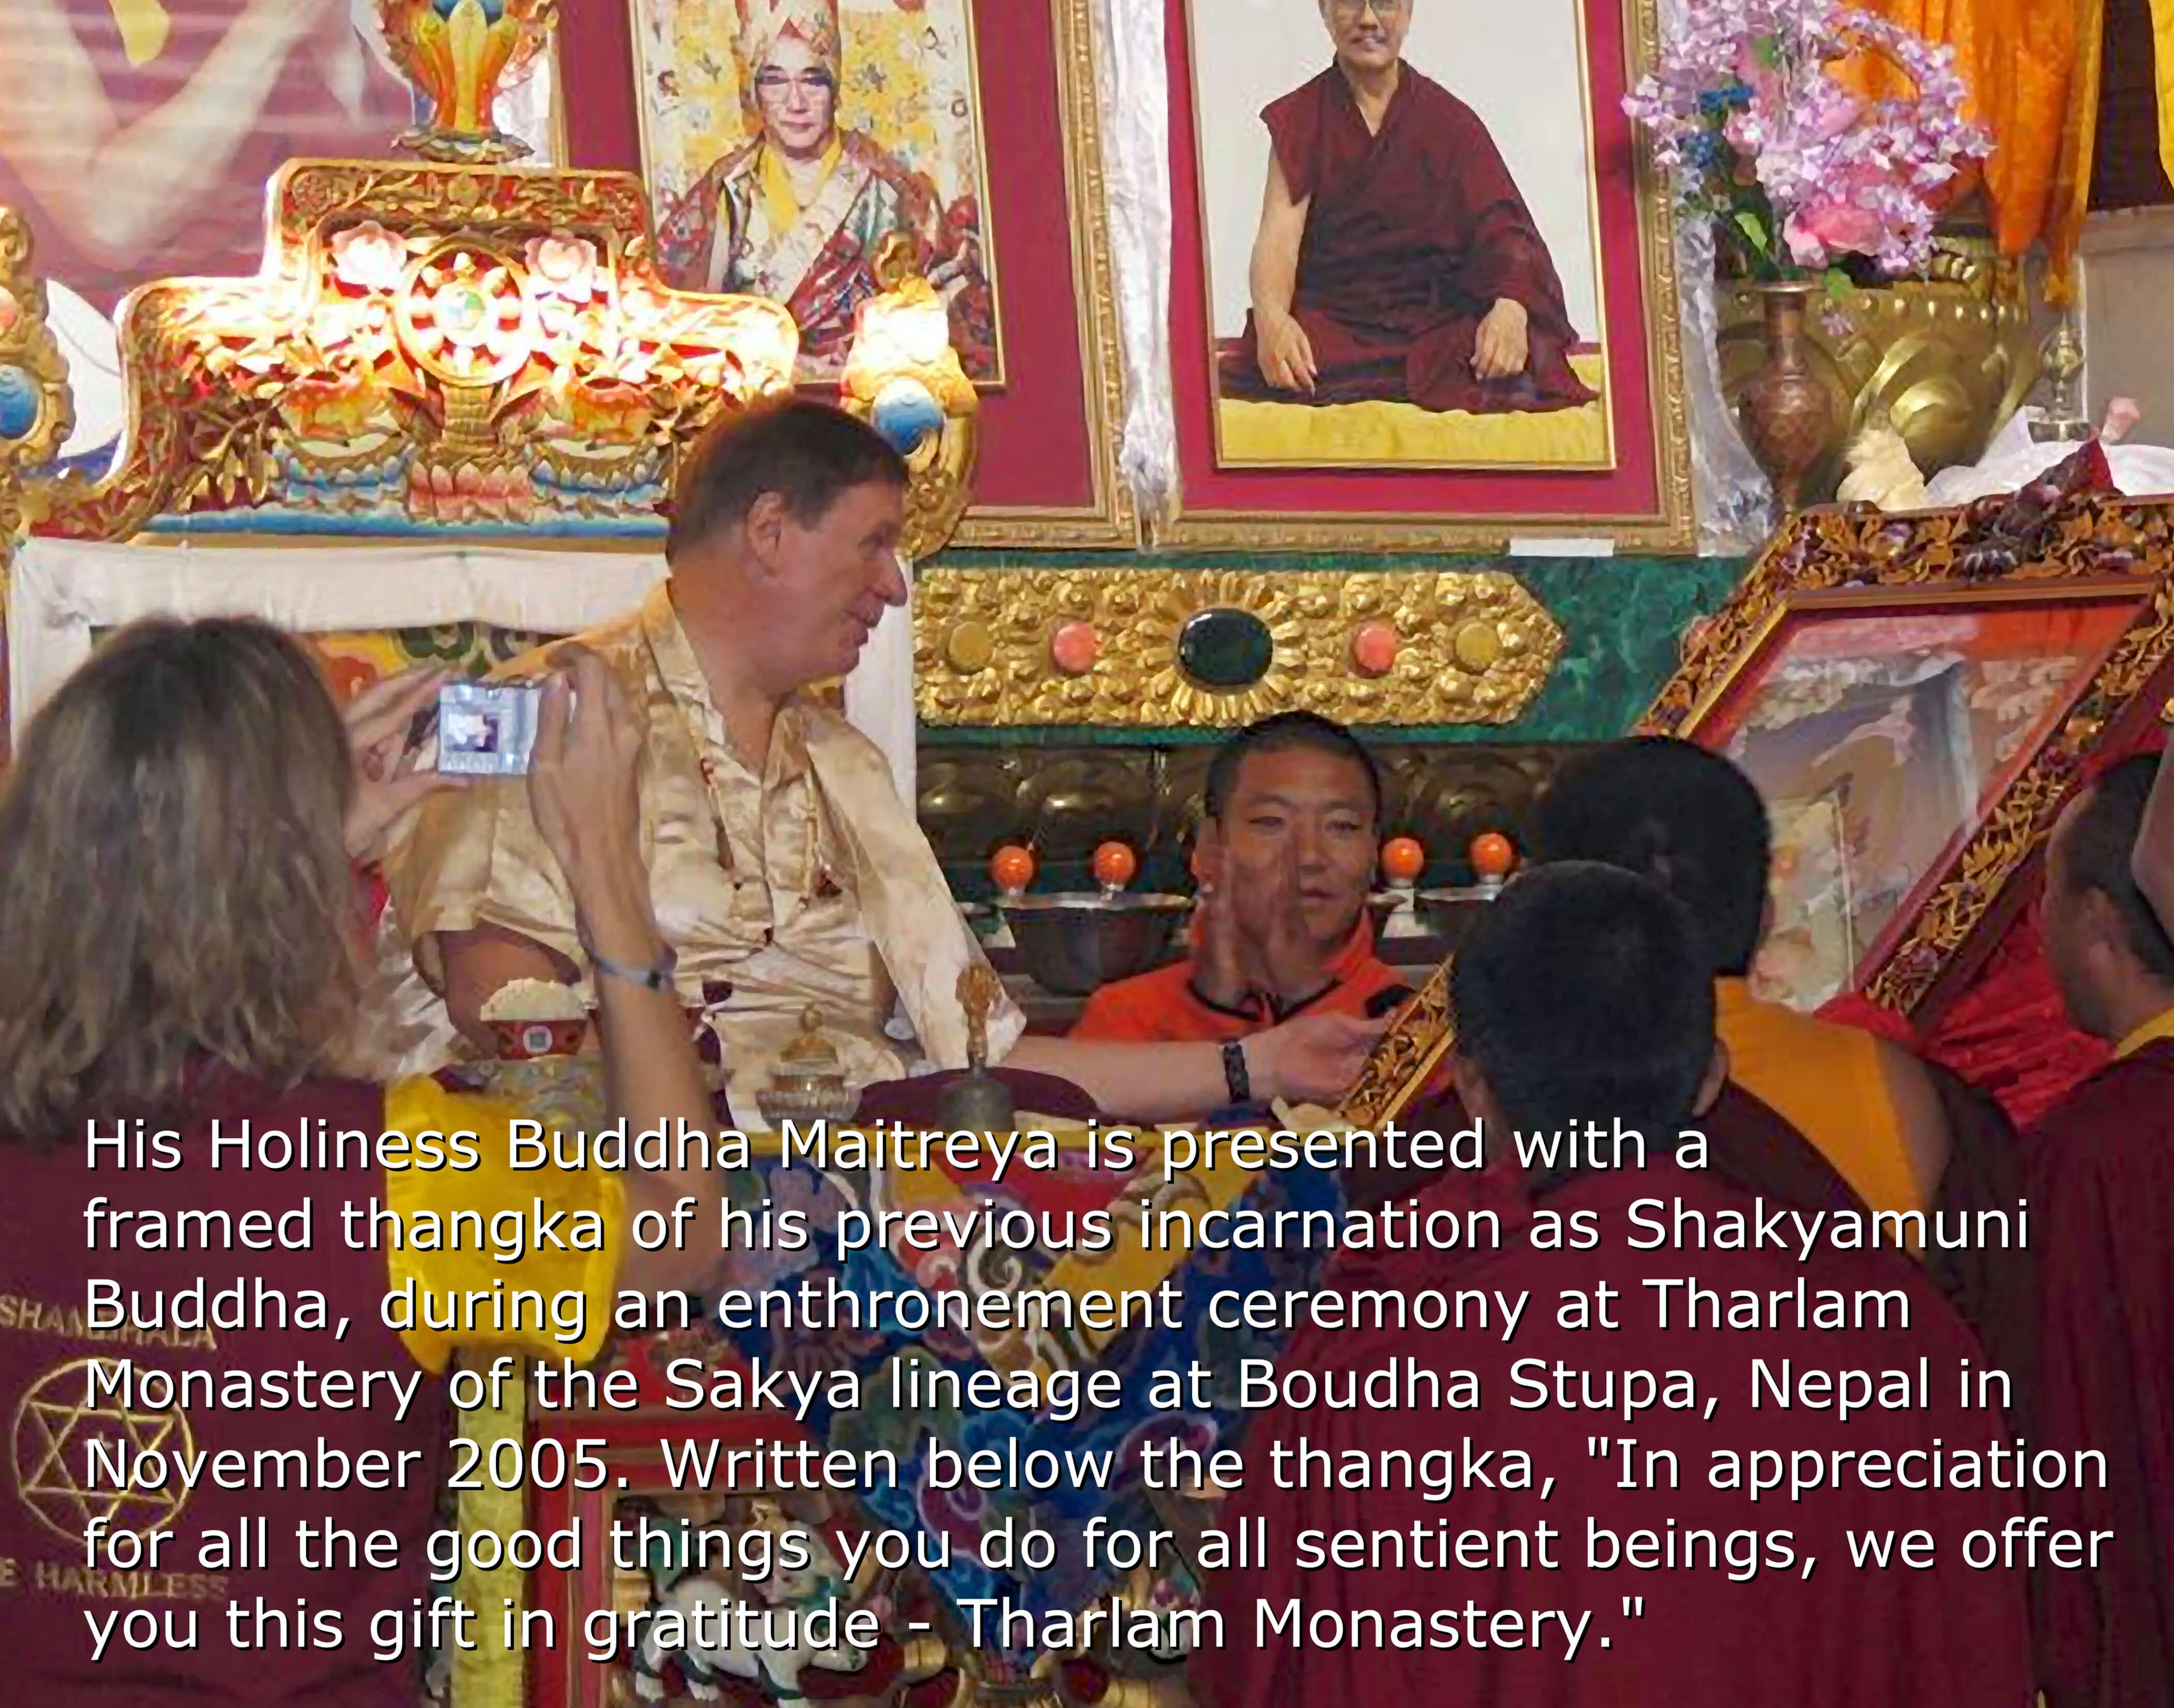 Buddha Maitreya Enthroned at Tharlam Monastery